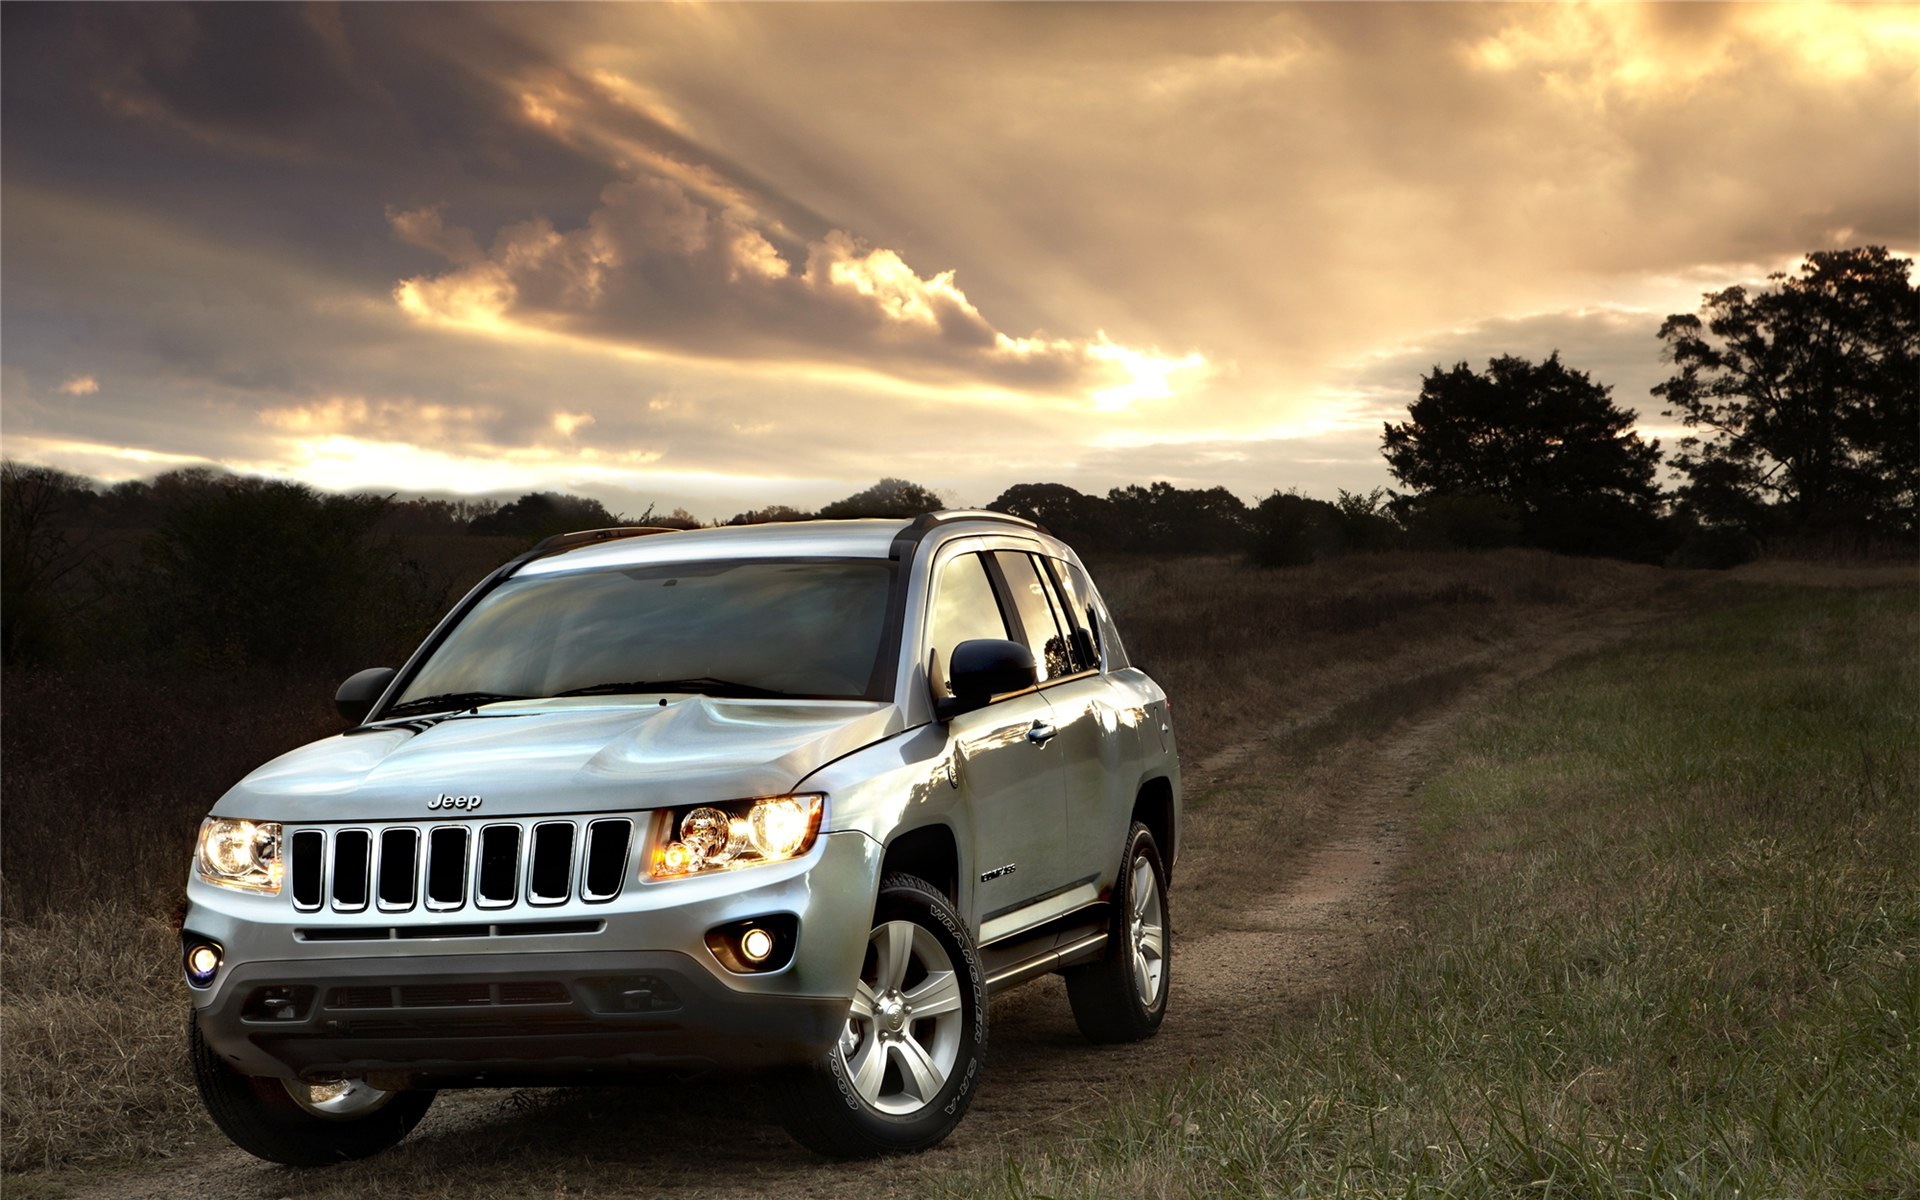 Картинка: Jeep, огни, небо, дорога, поле, деревья, закат